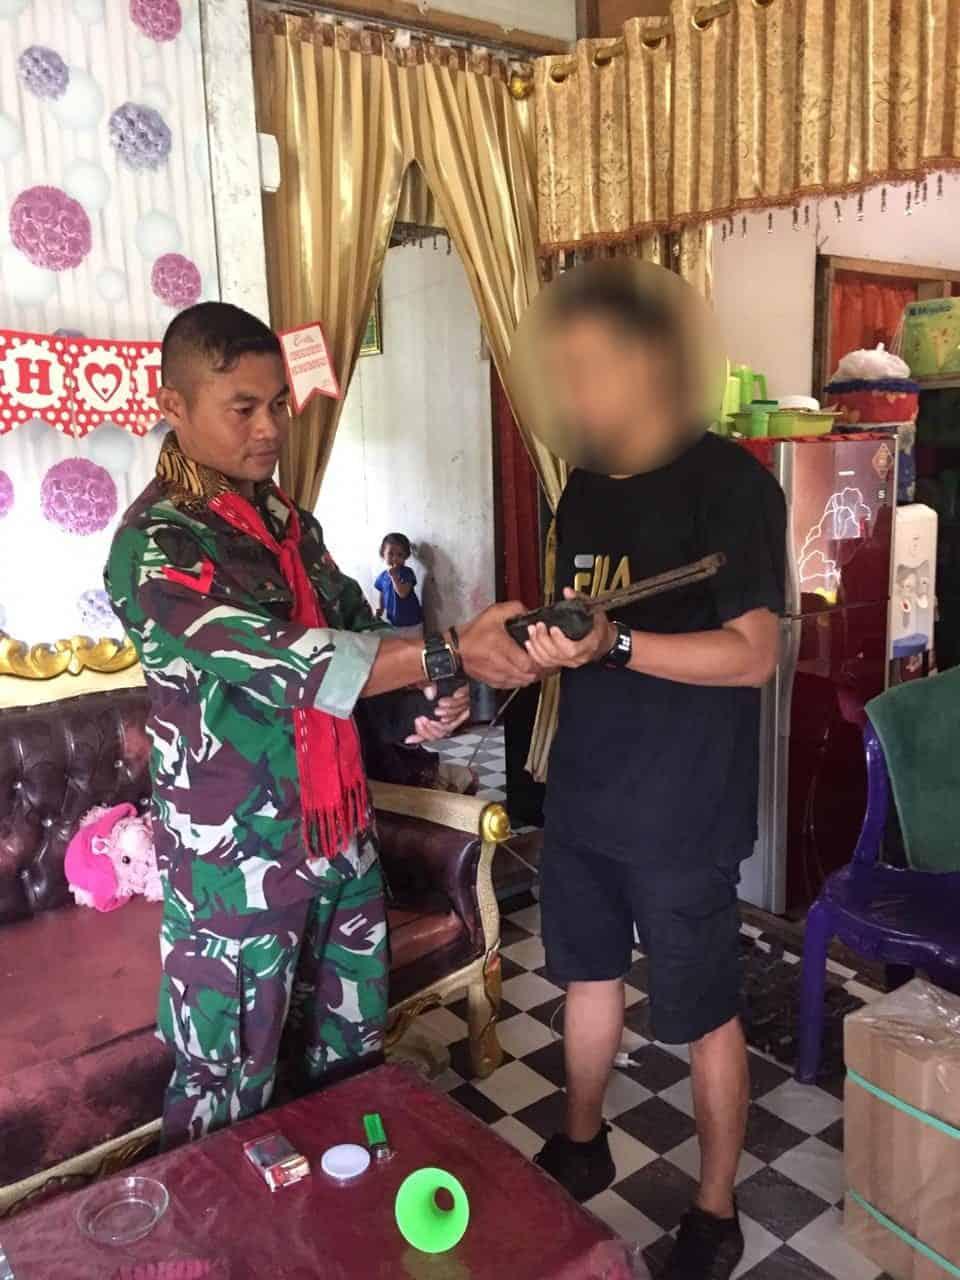 Dapatkan Simpatik Warga, Satgas 734/SNS Terima Senapan Api Secara Sukarela